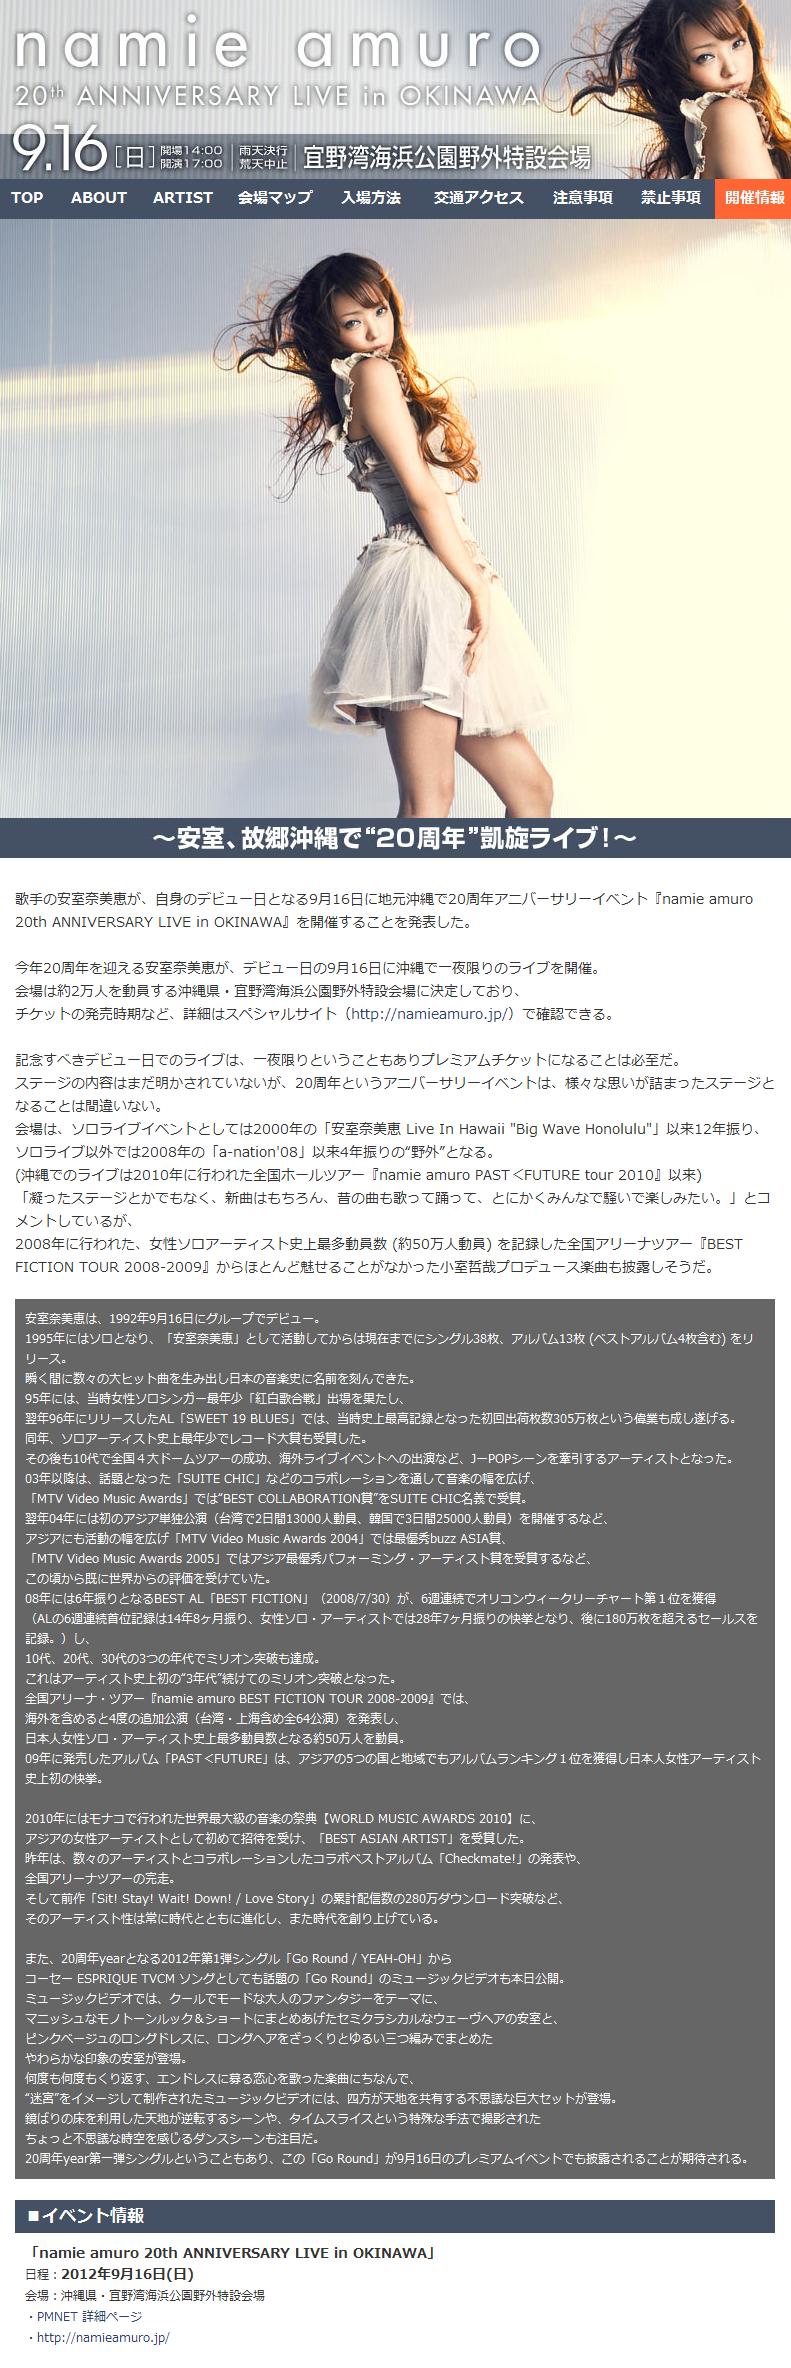 安室奈美恵│namie amuro 20th ANNIVERSARY LIVE in OKINAWA2